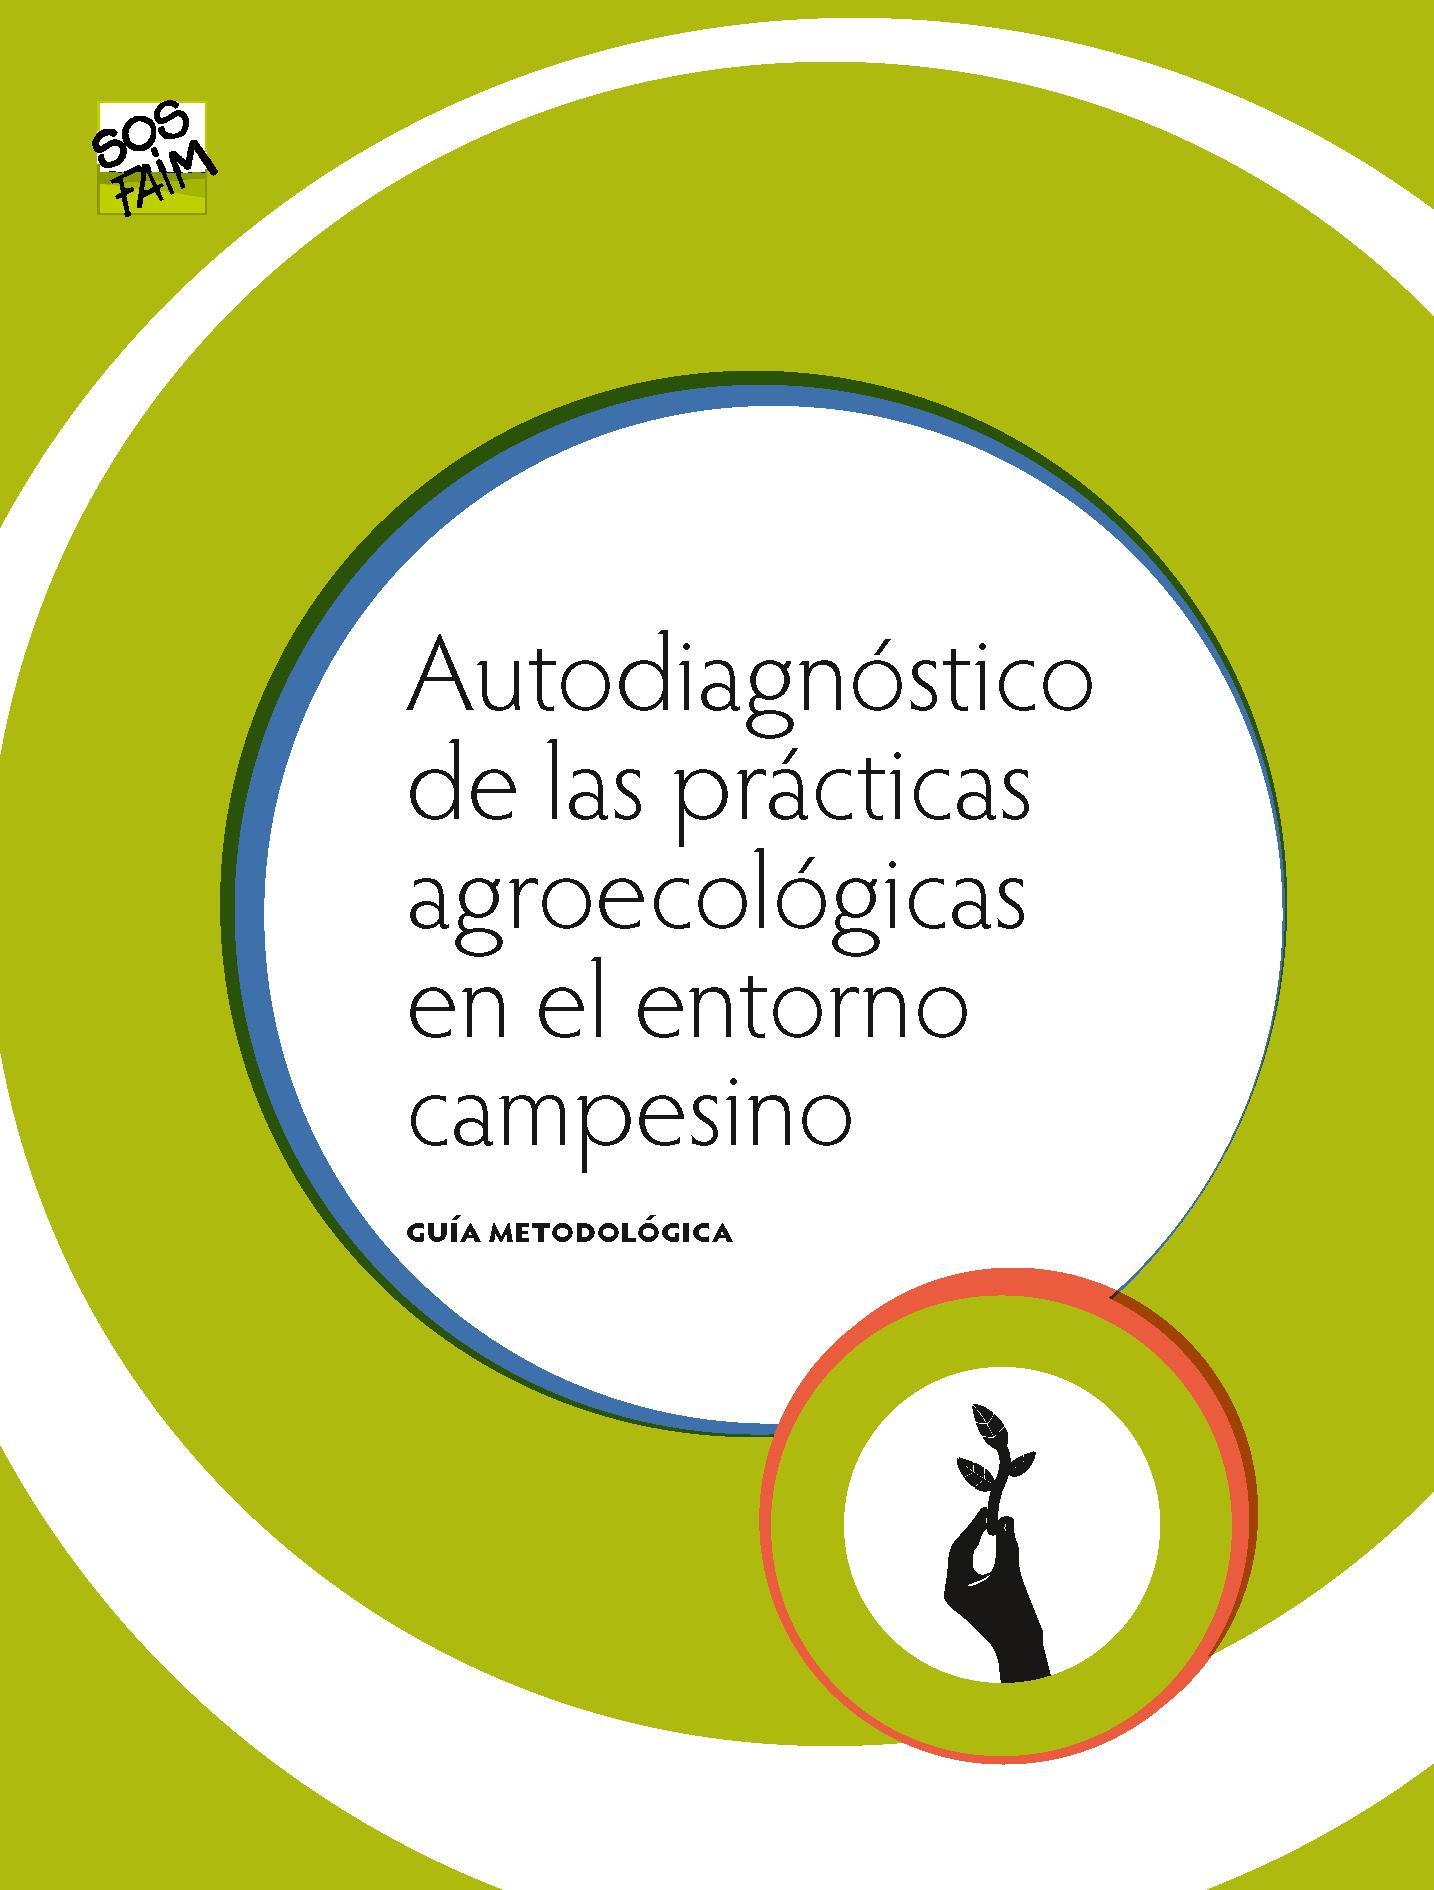 Guía agroecológico